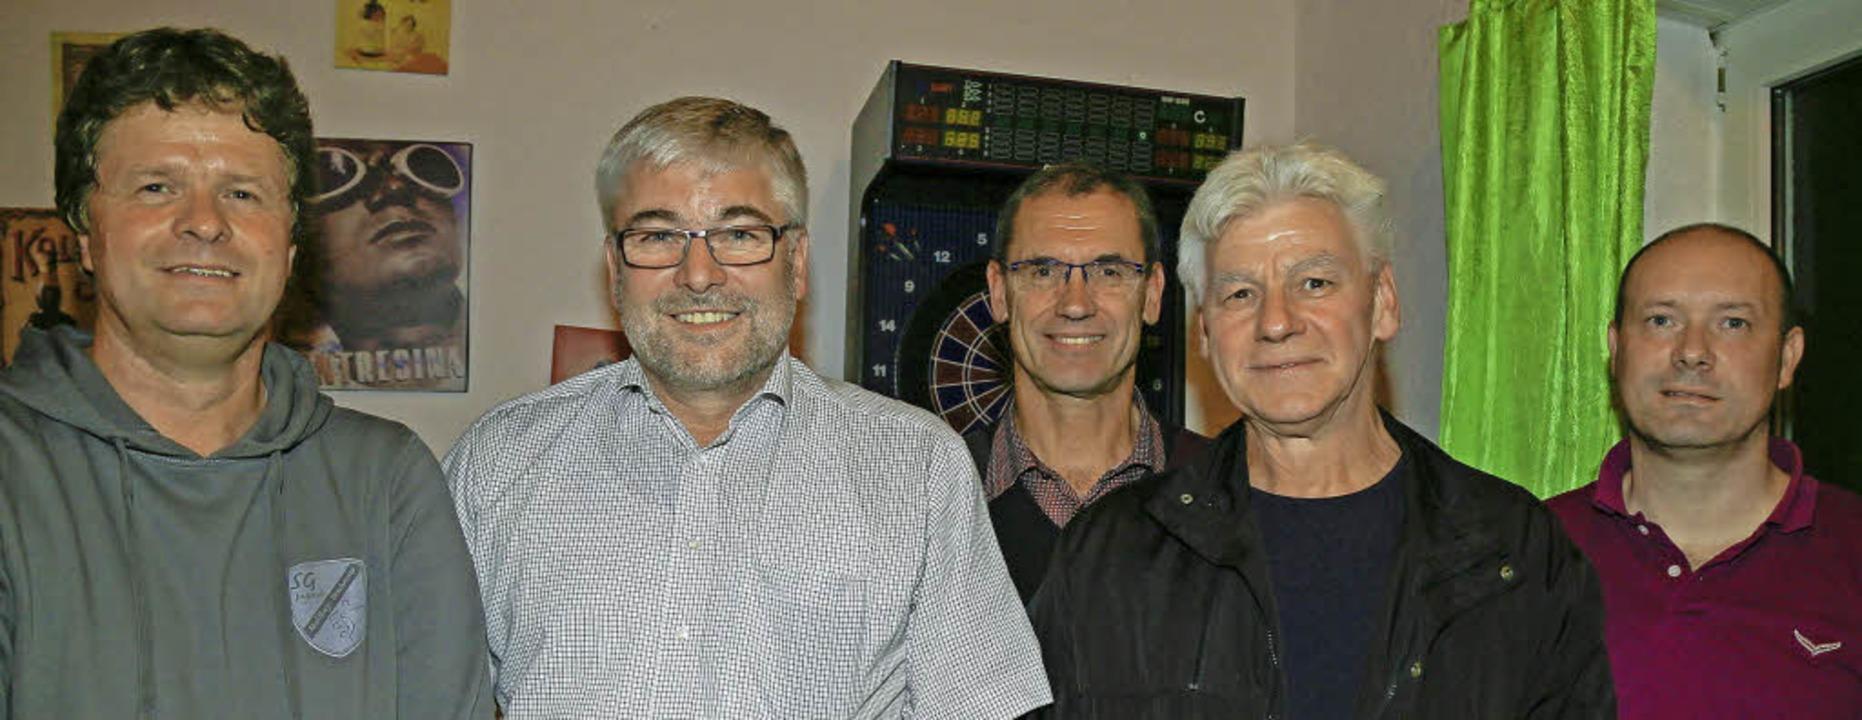 Seit 40 Jahren Mitglied im TuS Mahlber...t, Alfred Kesselring und  Timo Studer   | Foto: Sandra Decoux-Kone